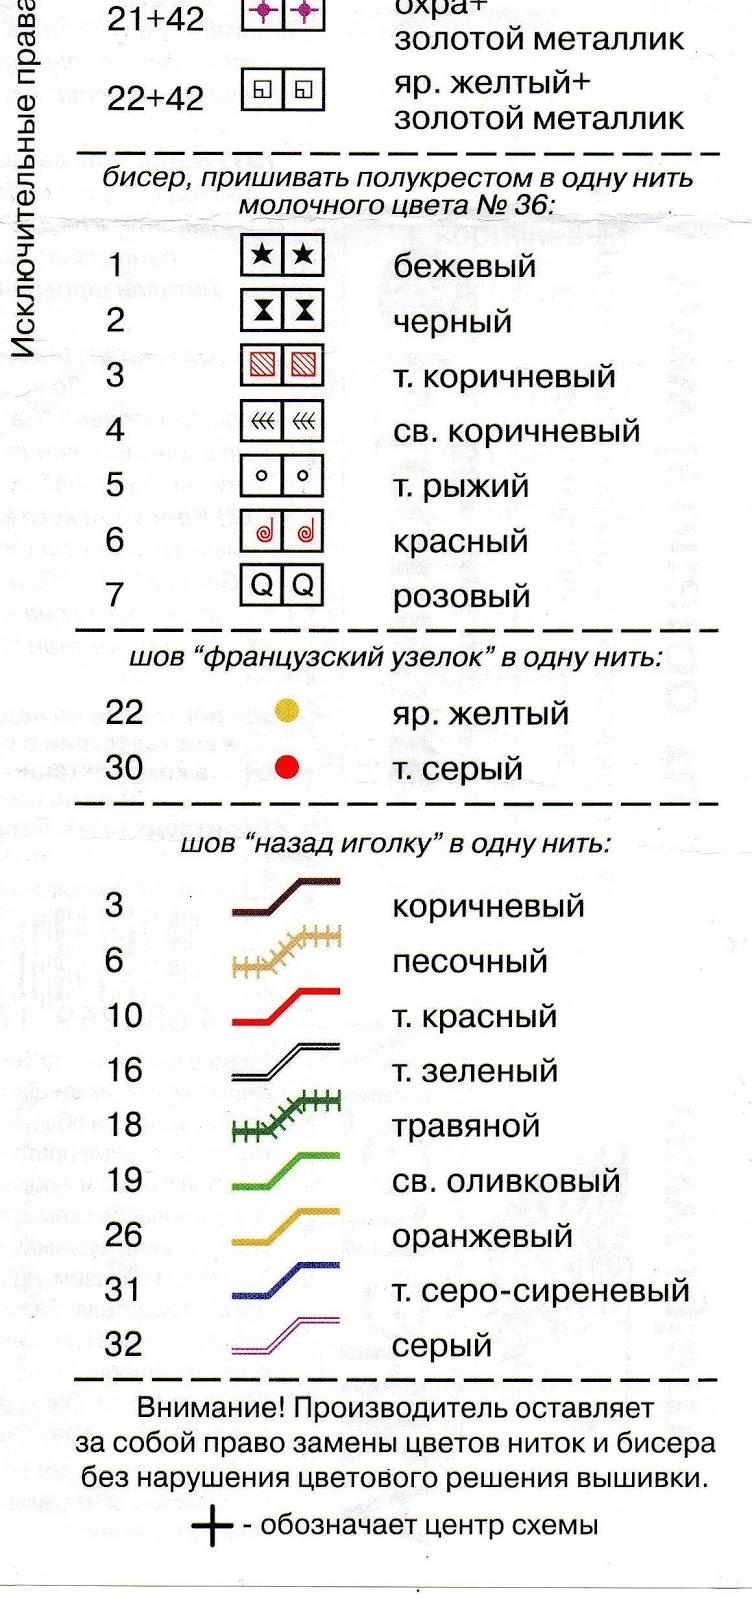 Венок изобилия. Схемы вышивки (4)